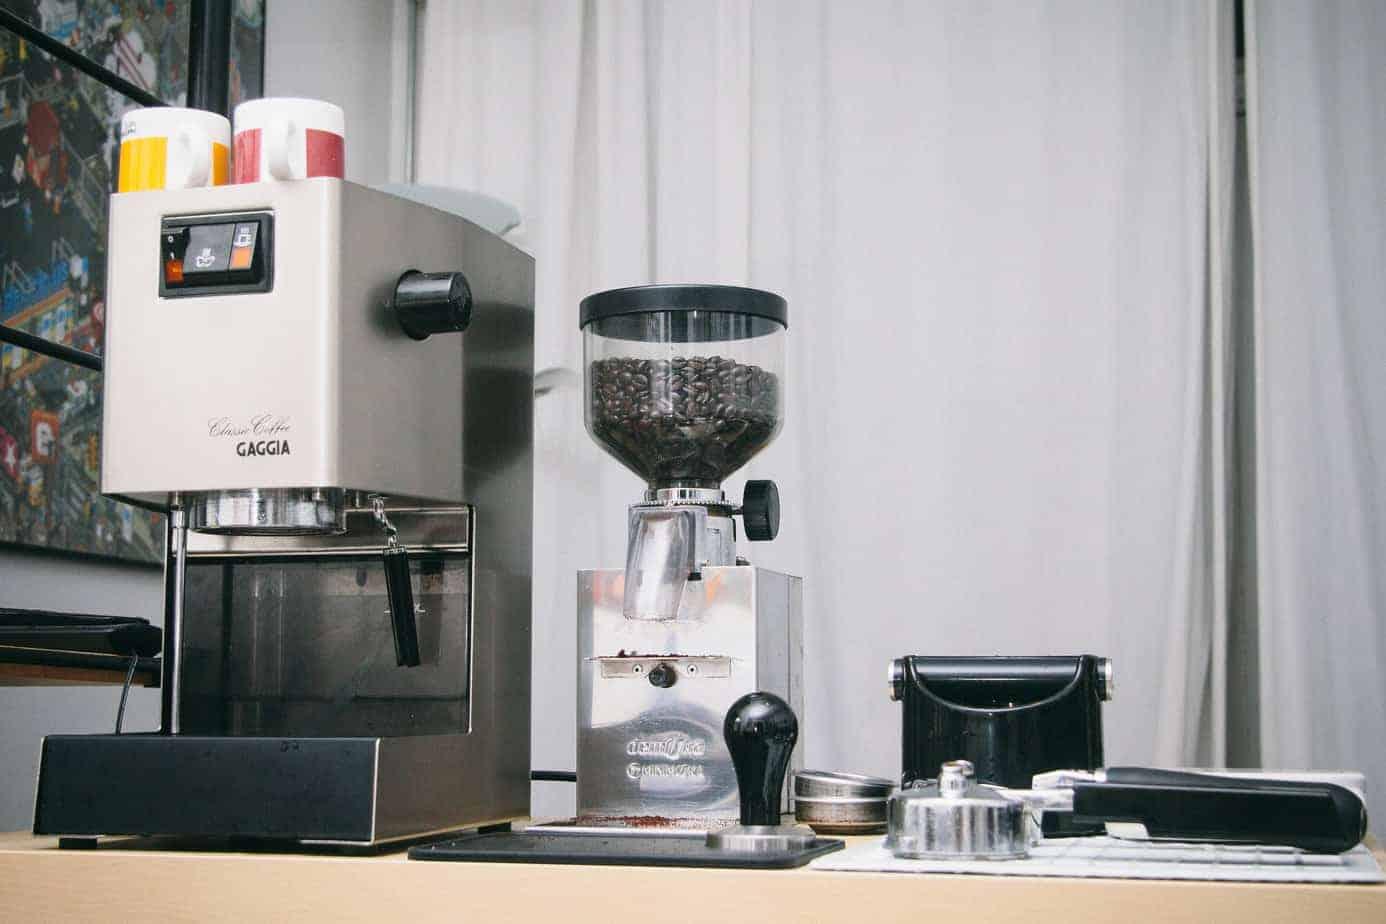 Gaggia Classic espresso machine with other espresso making equipment